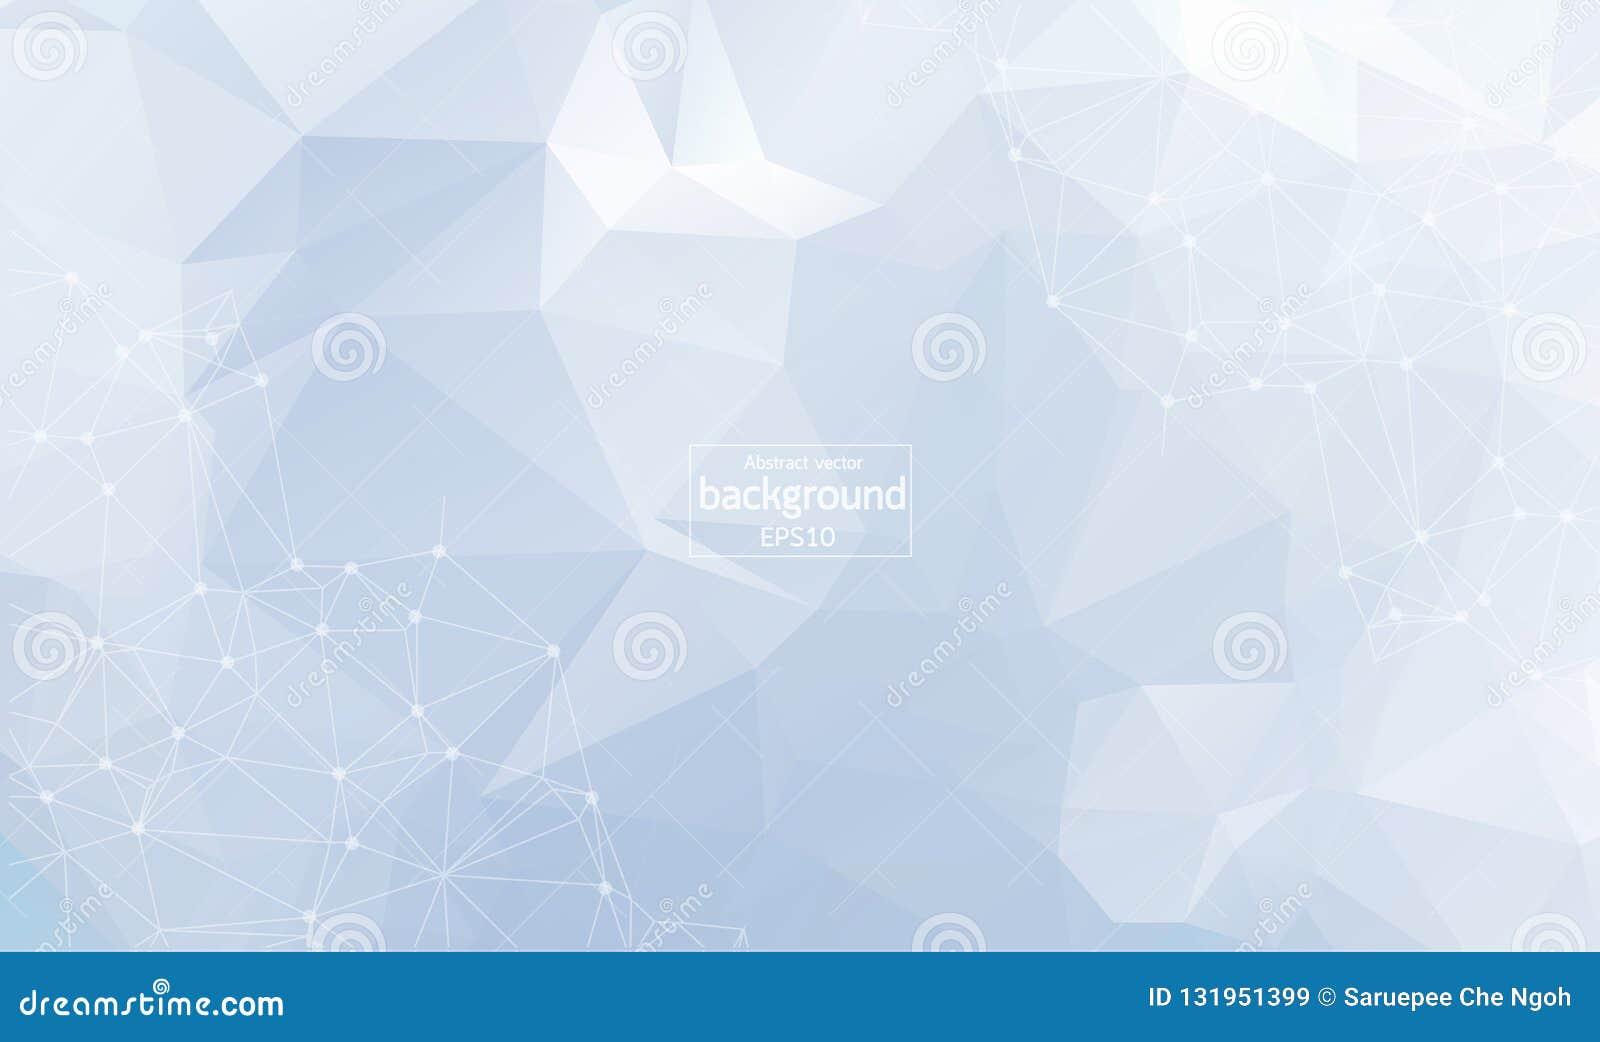 Γεωμετρική περίληψη με τη συνδεδεμένα γραμμή και τα σημεία Γραφικό άνευ ραφής υπόβαθρο Σύγχρονο μοντέρνο polygonal σκηνικό για το